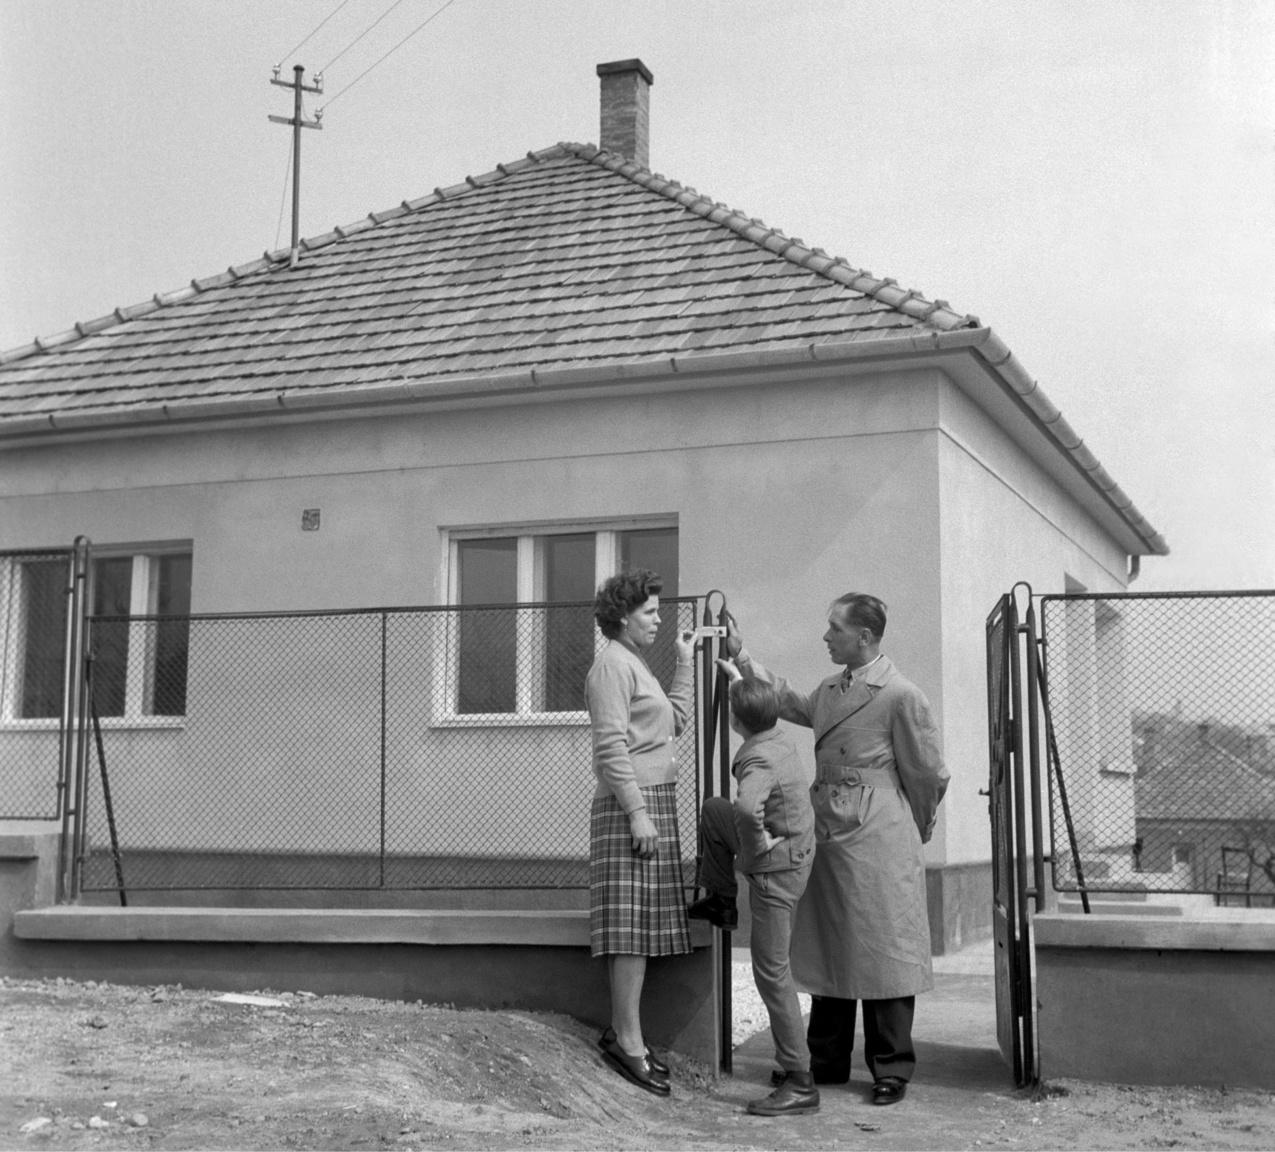 Mennyi boldogság fért bele az 1960-as évbe!Kiss Sándor rendőrfőhadnagy és családja a postásnő szomszédja lett a XI. kerületben.